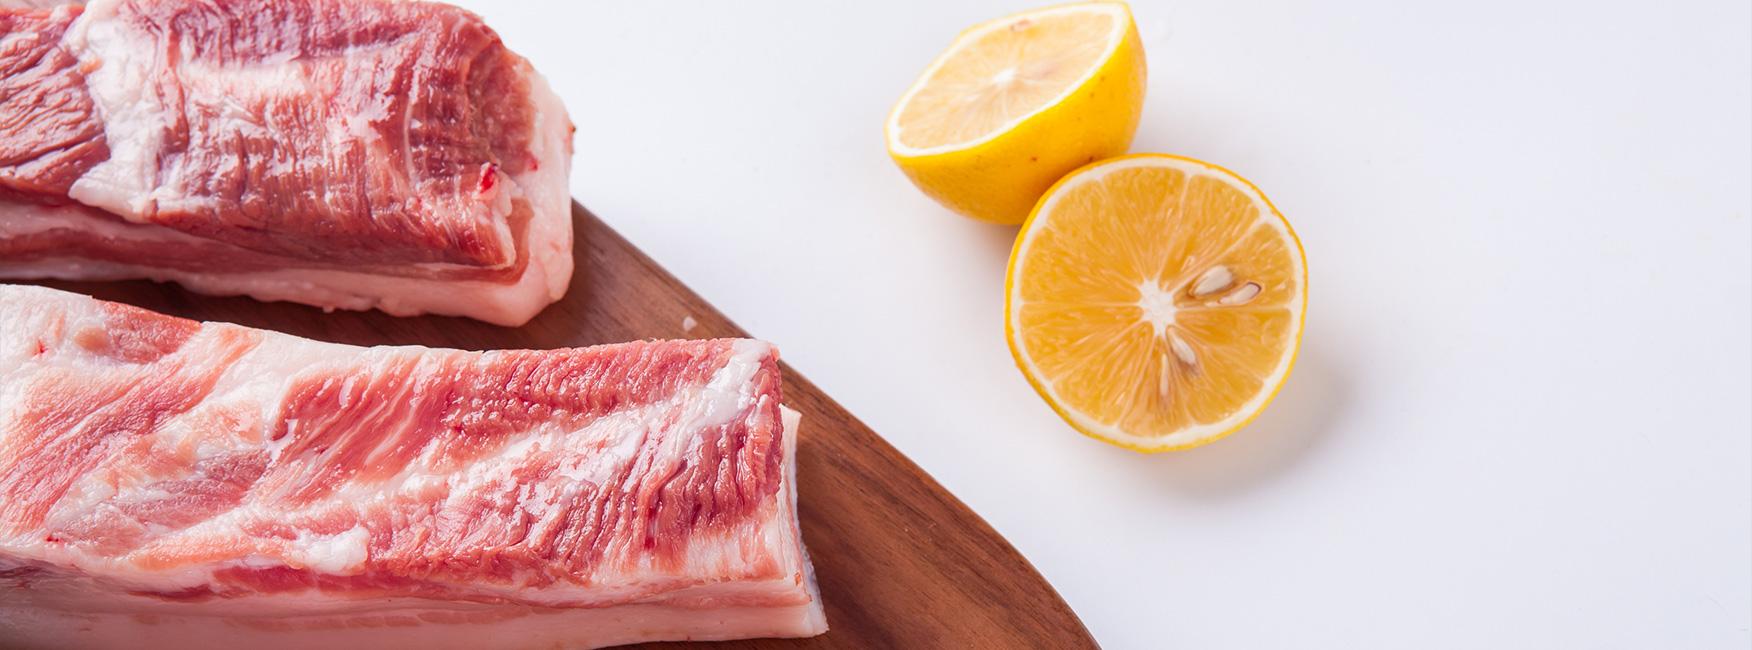 鲜肉供应链